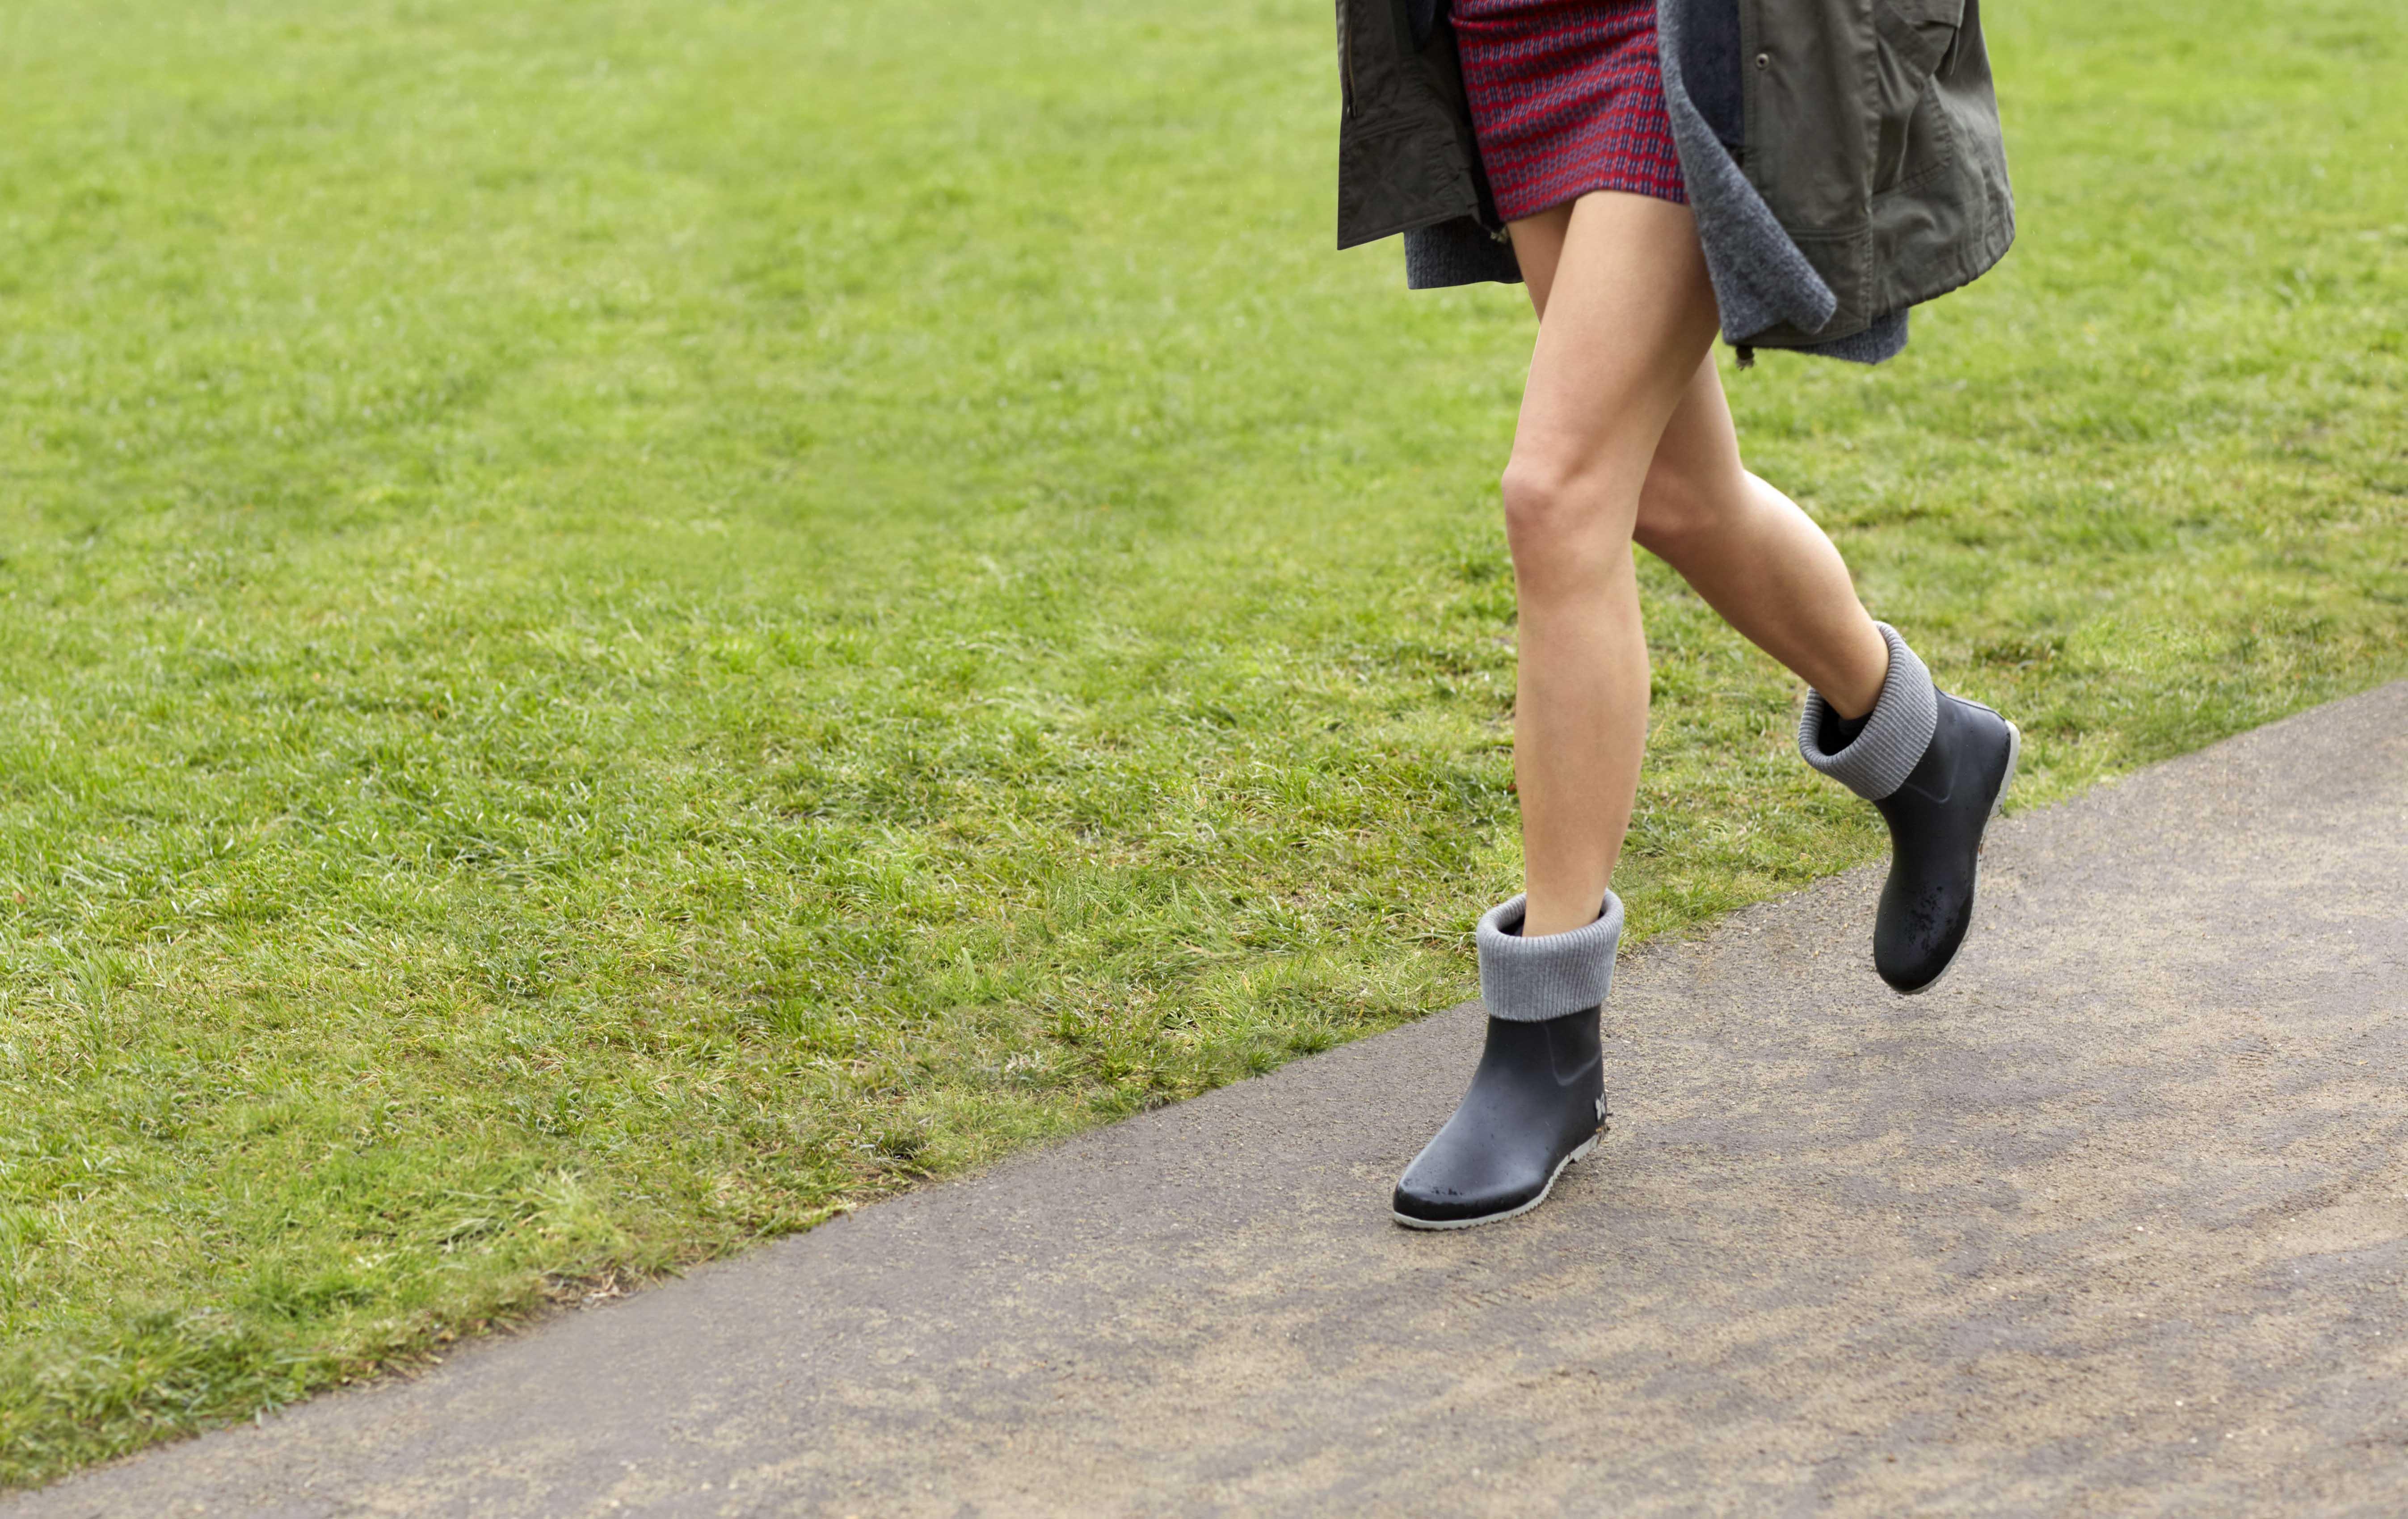 【Butterfly_Twists】Eton 短靴採雙色雙質材混搭。靴口和靴底的色彩相呼應,柔軟又防水鞋面,是雨季最佳選擇。黑灰色  建議售價2450元